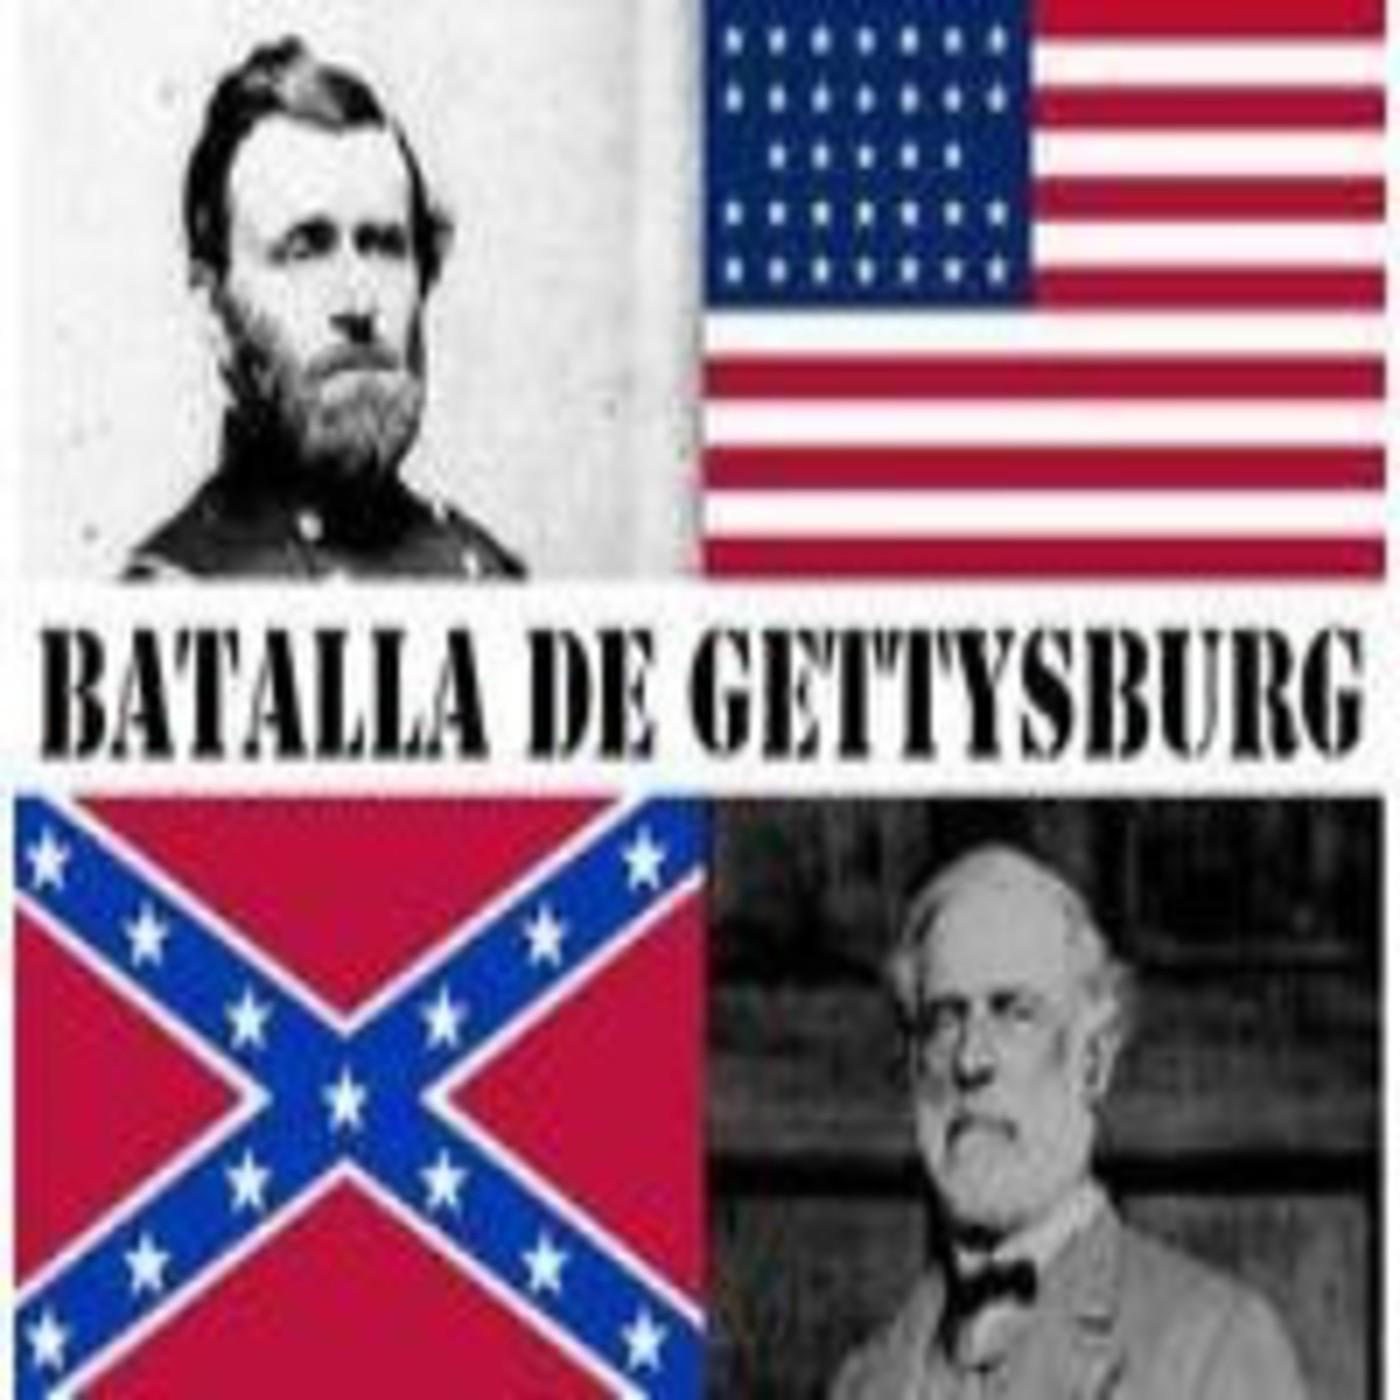 Batalla de Gettysburg. Guerra de secesión de Estados Unidos